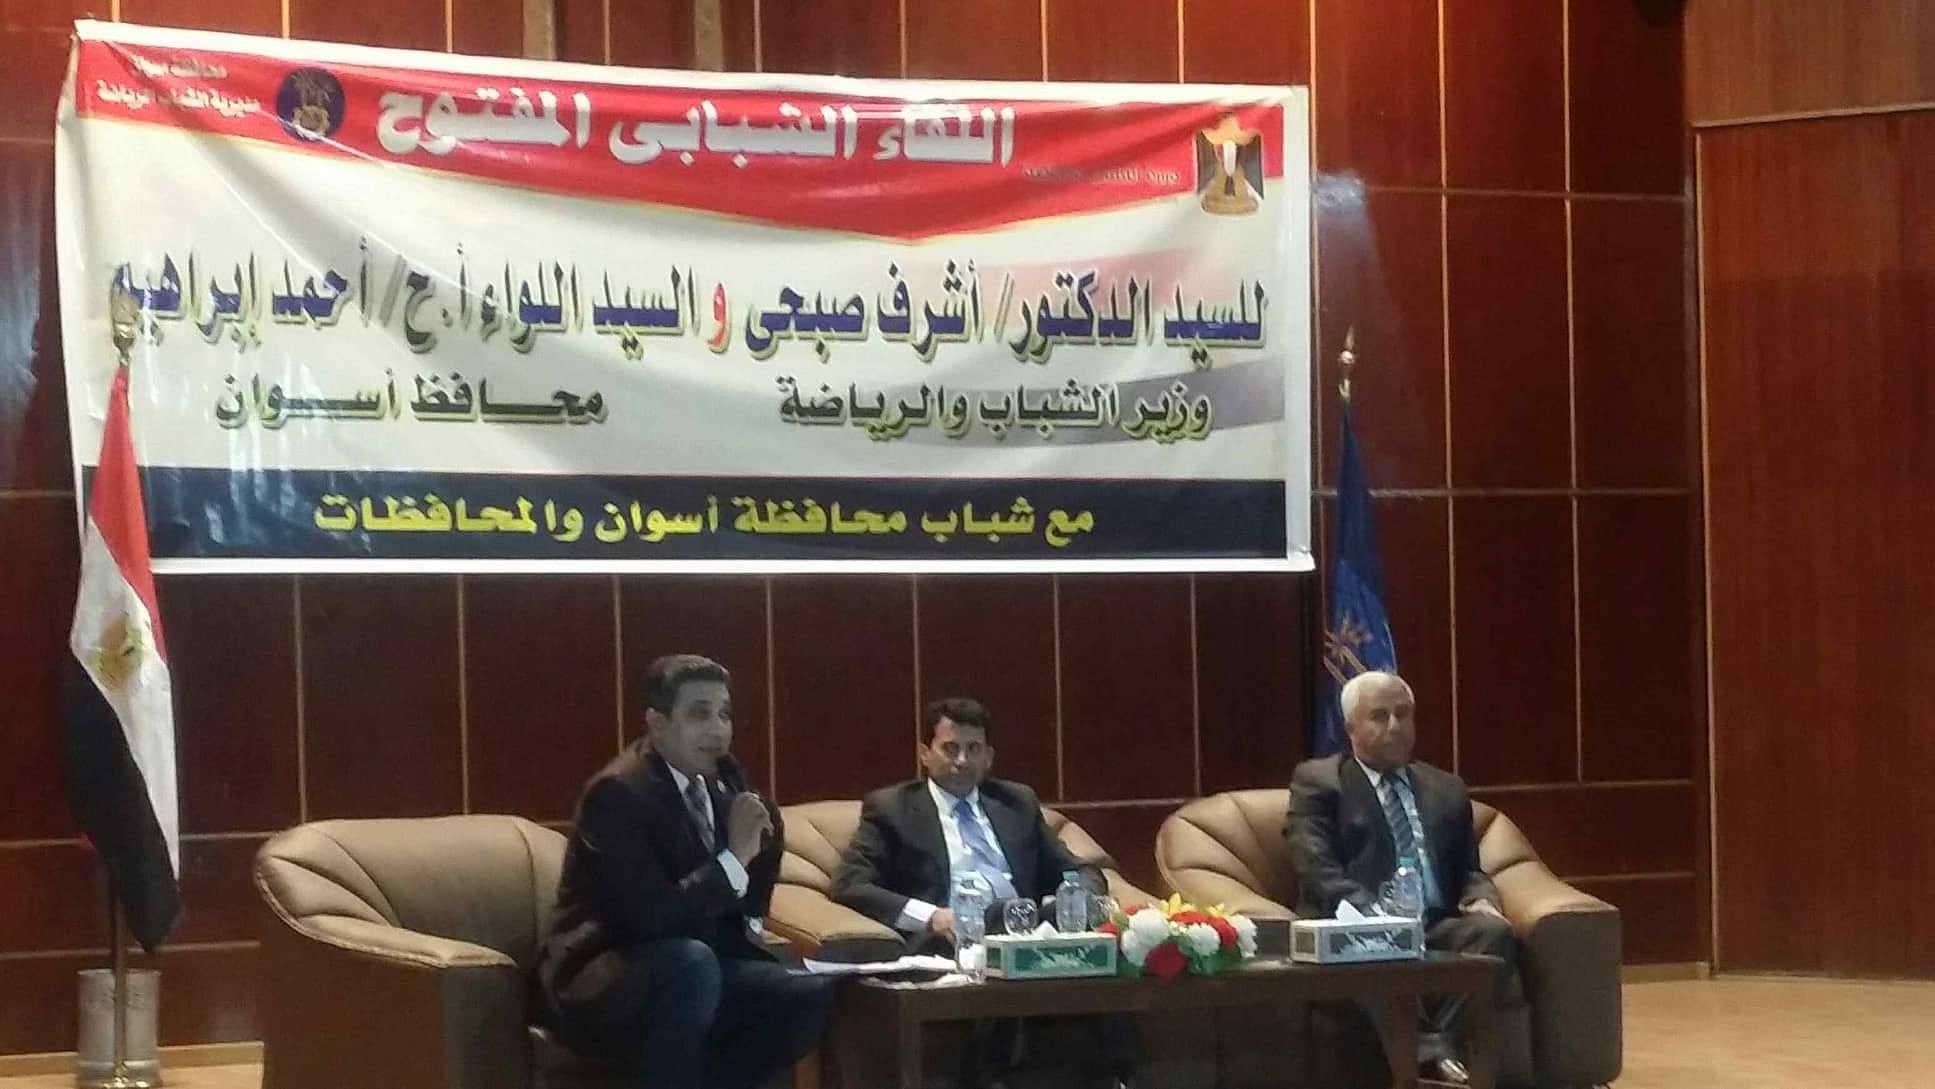 الدكتور اشرف صبحى خلال اللقاء الشبابى المفتوح بمدينة أسوان